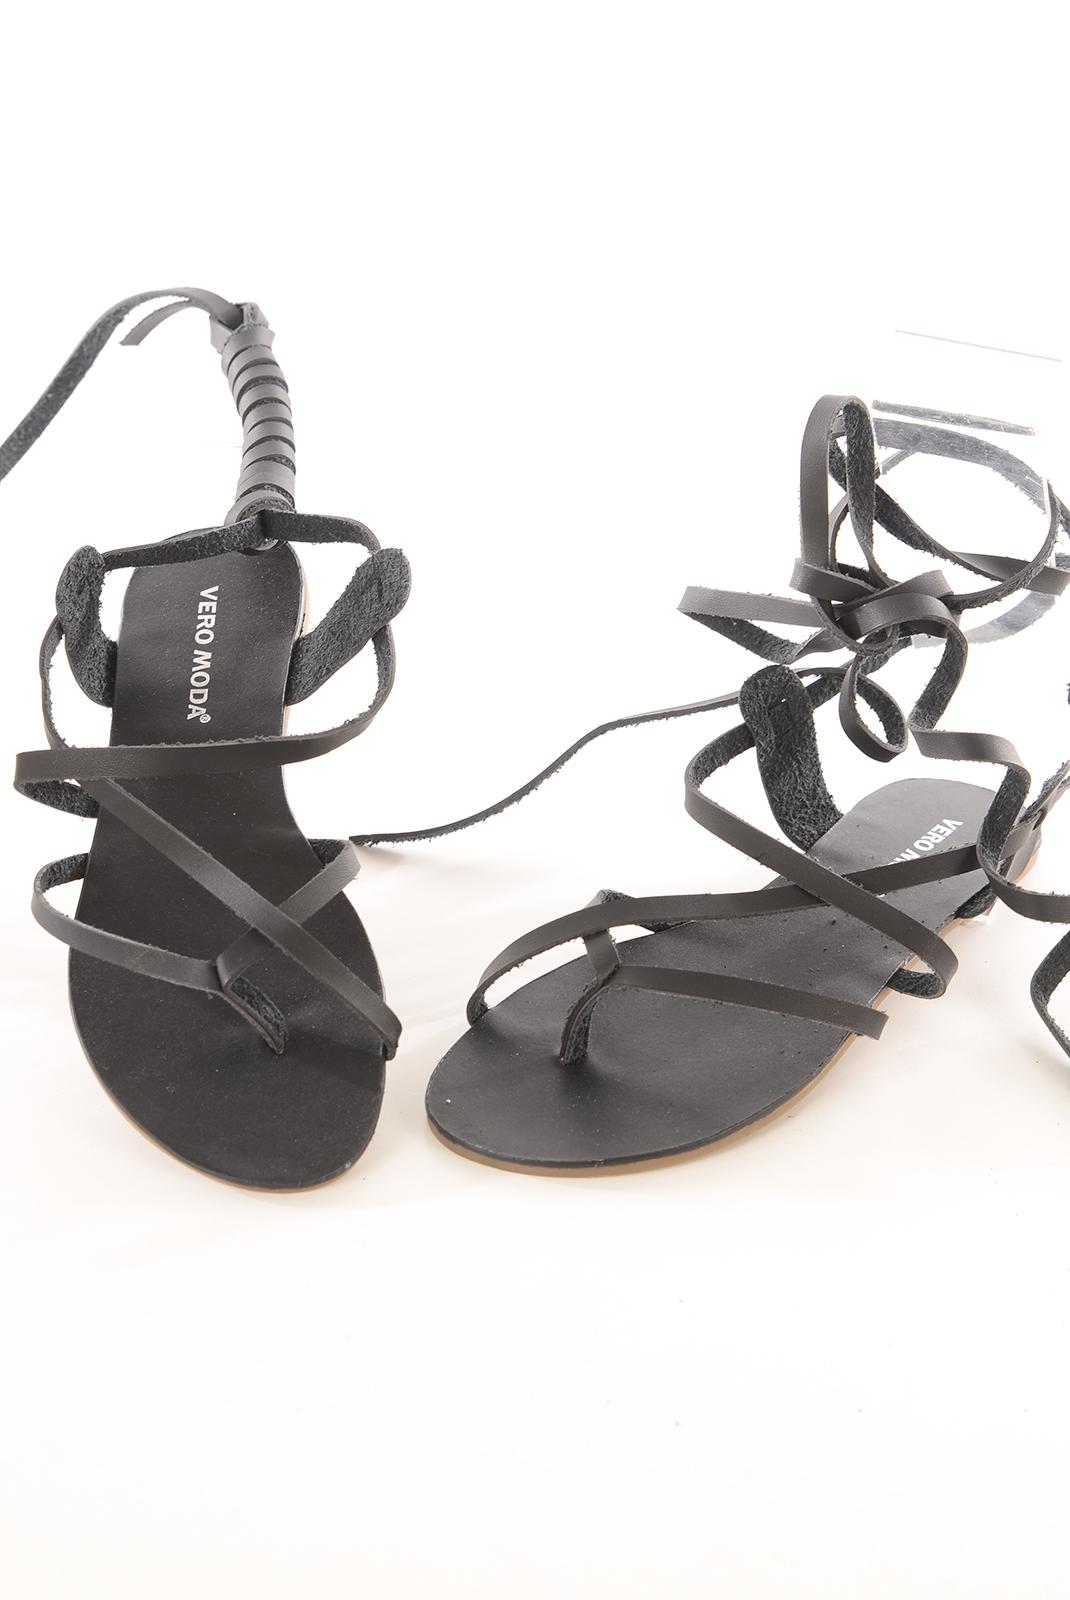 Chaussures  Vero moda KATARINA BLACK